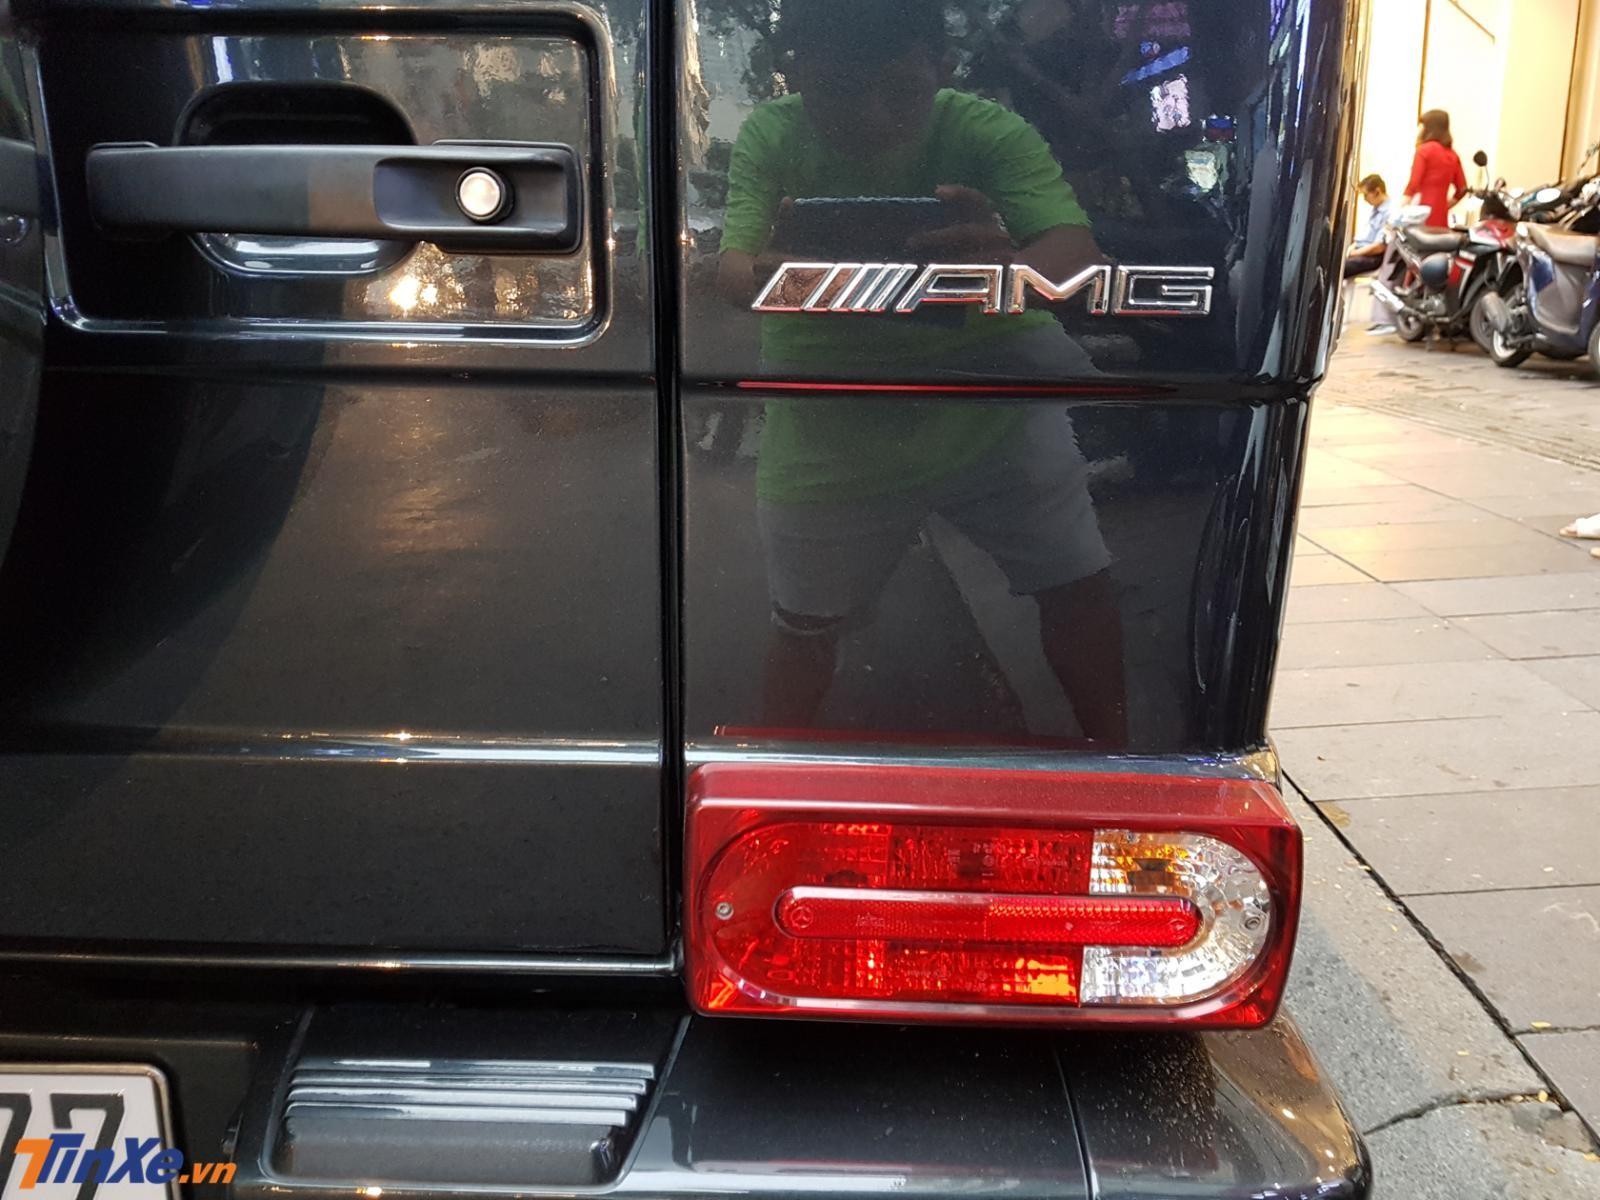 Đèn hậu trên Mercedes-Benz G63 AMG phiên bản đời cũ